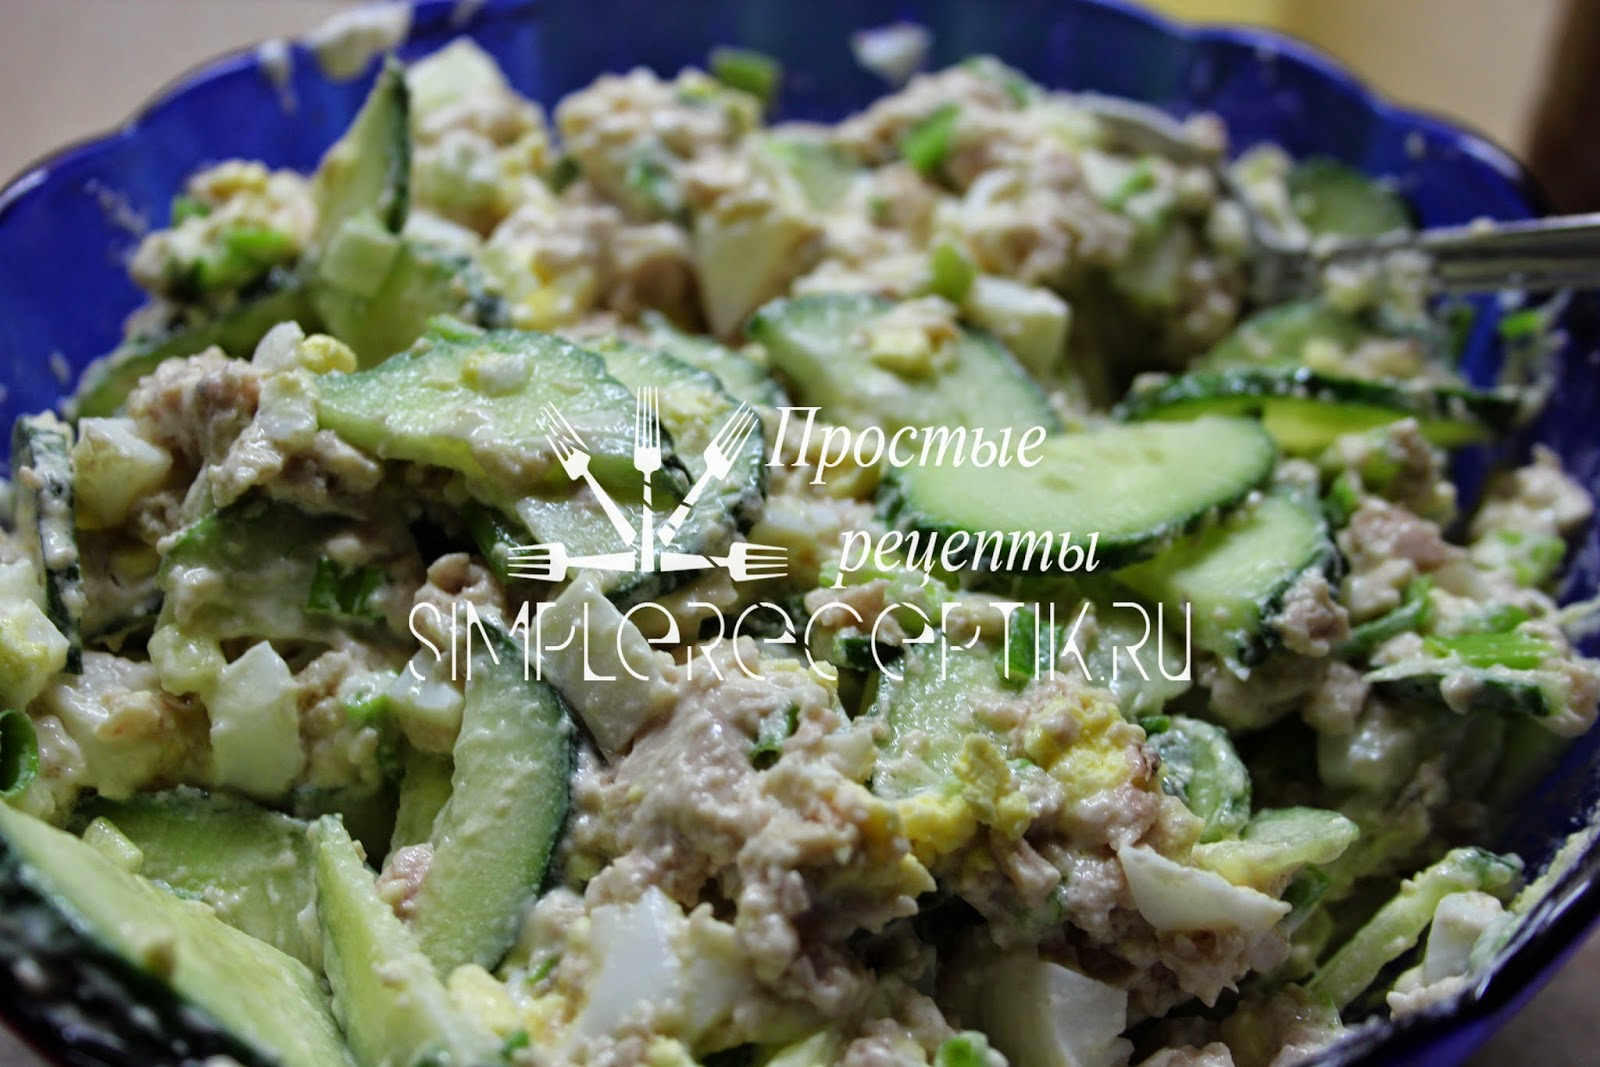 Салат из печени трески с огурцом пошаговый рецепт быстро и просто от 73